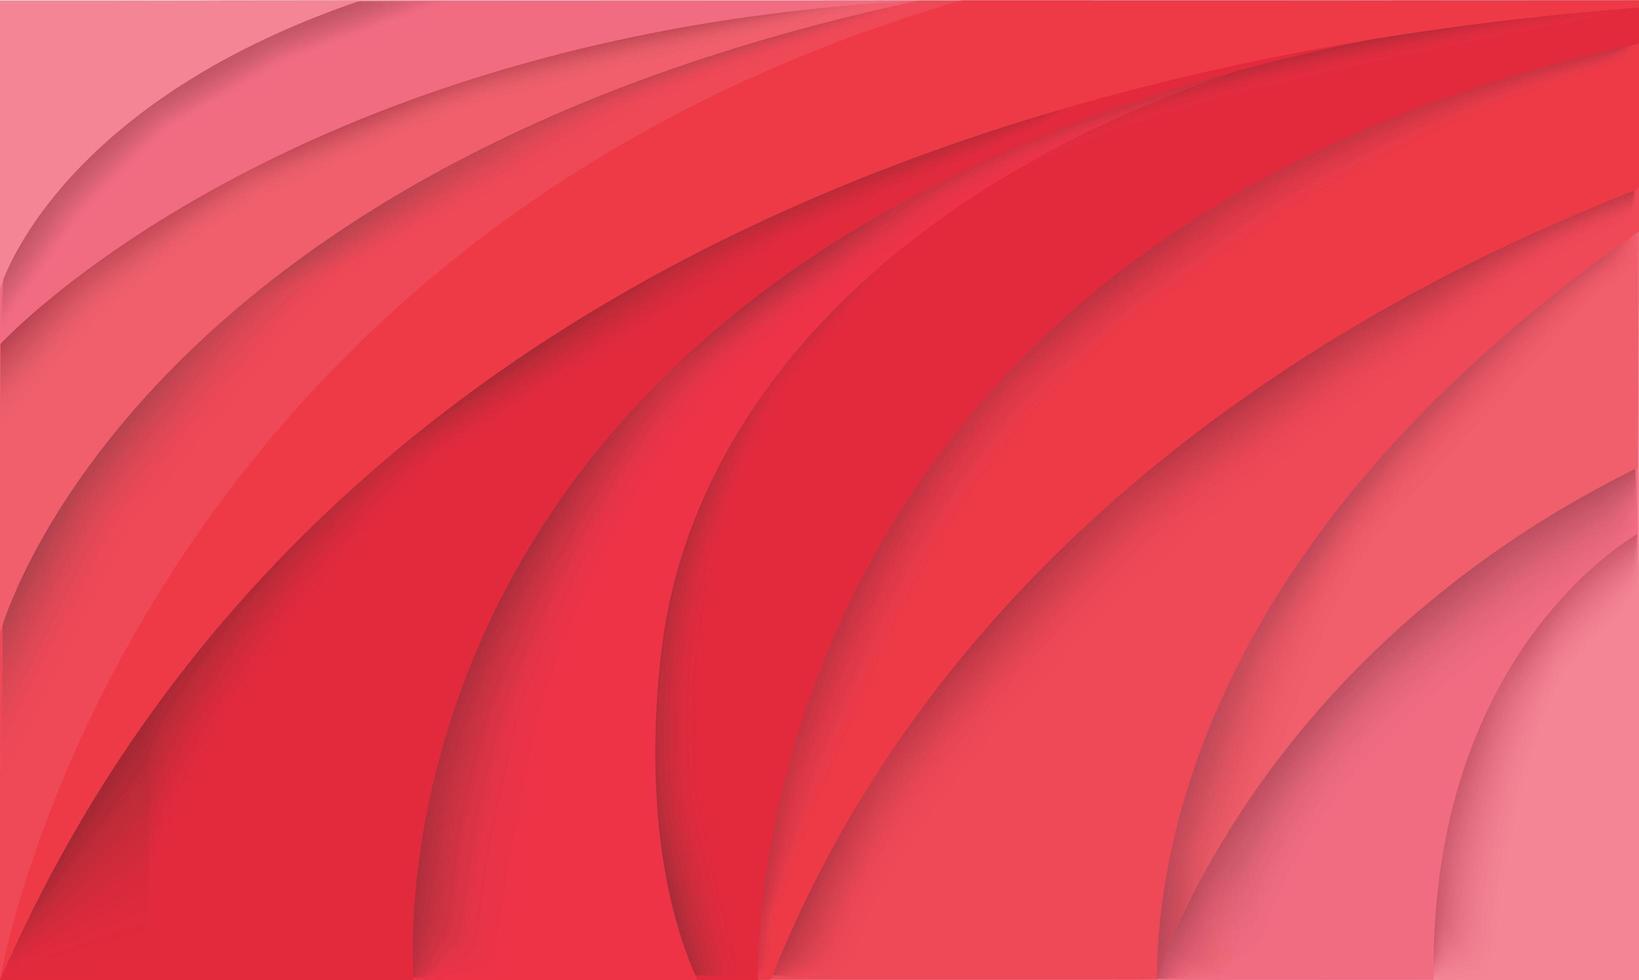 fundo de papel rosa curva 3d vetor